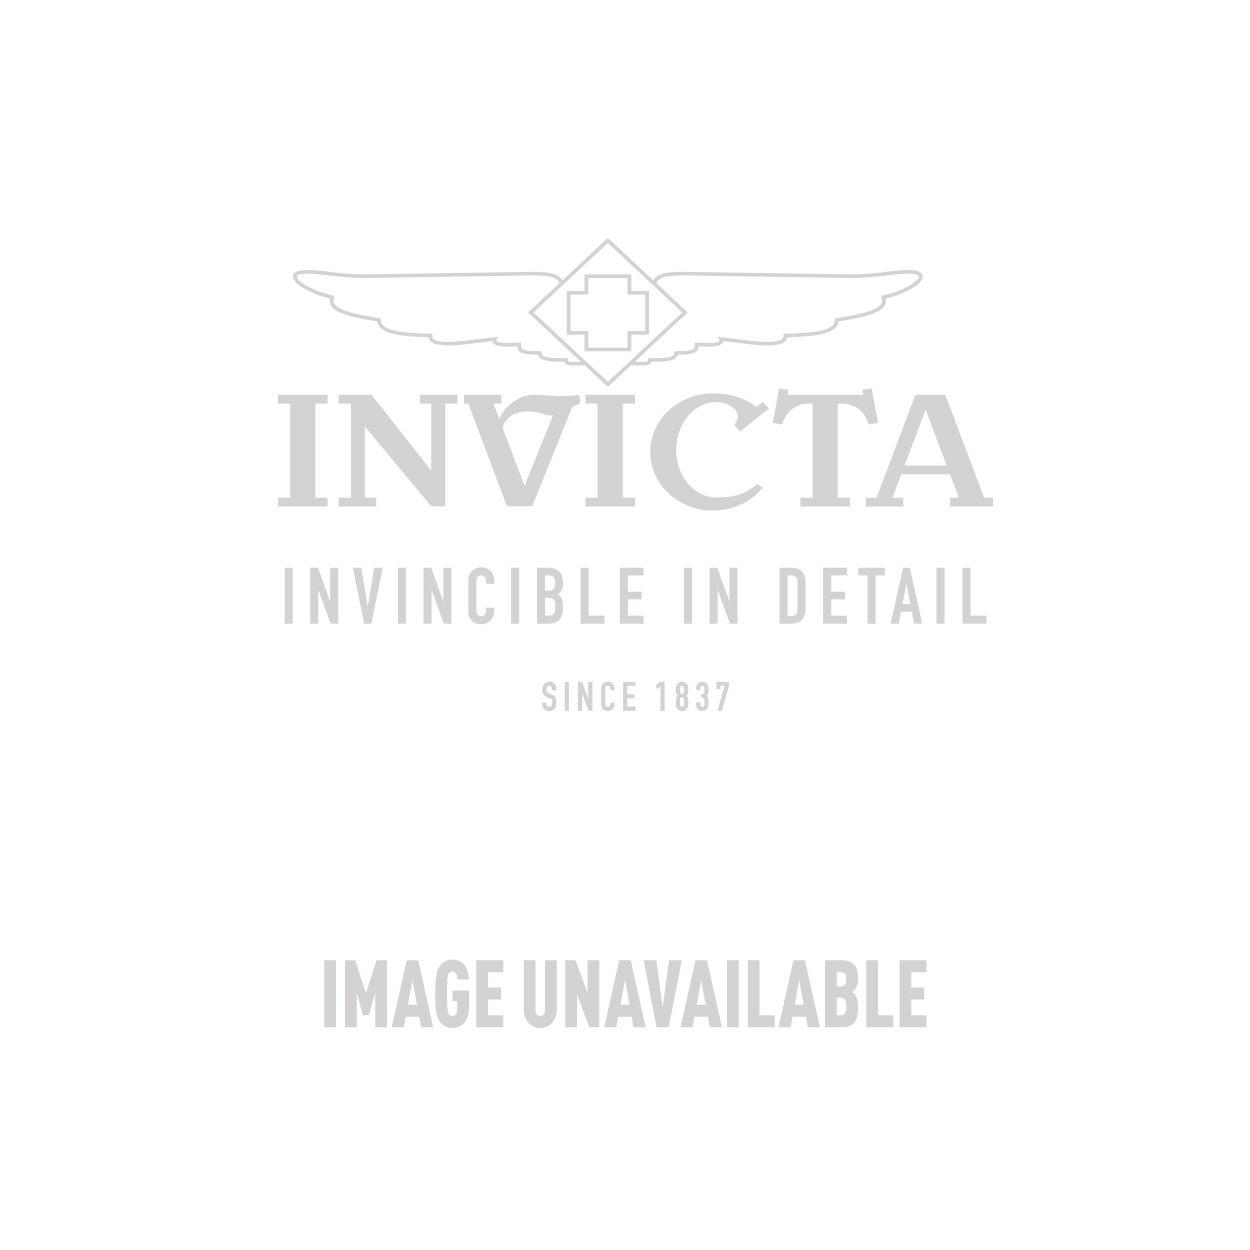 Invicta Model 28197